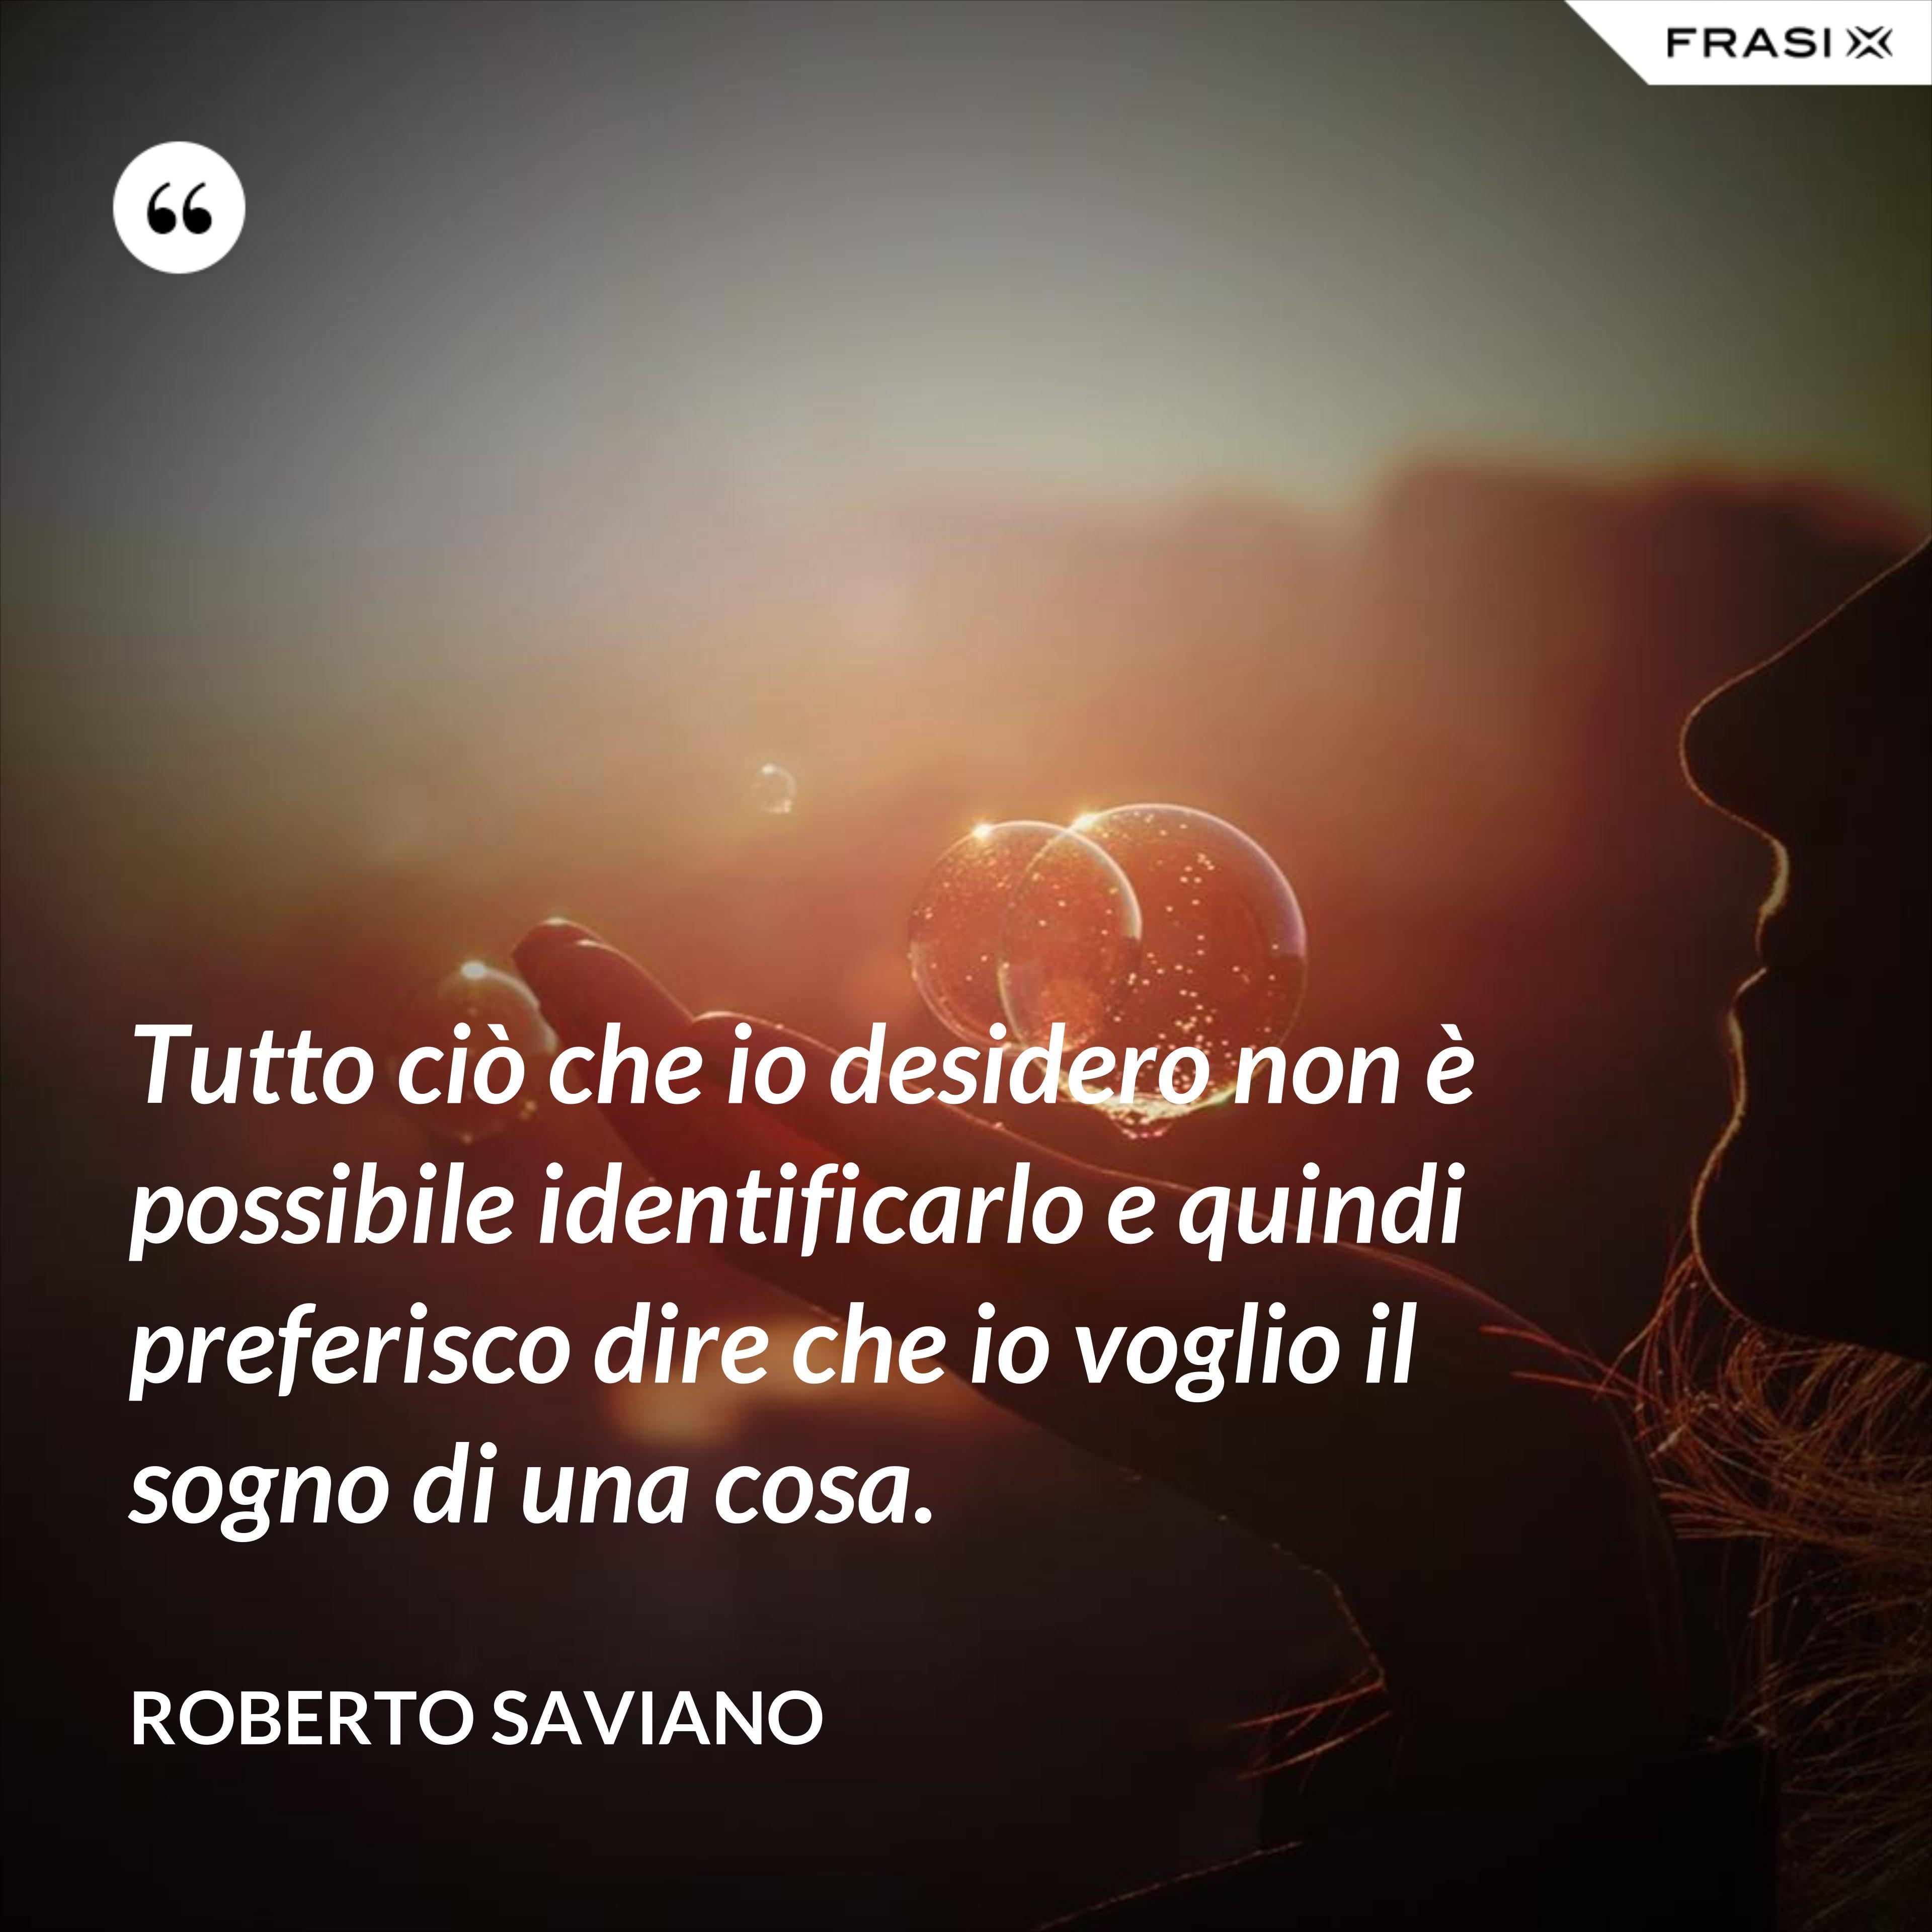 Tutto ciò che io desidero non è possibile identificarlo e quindi preferisco dire che io voglio il sogno di una cosa. - Roberto Saviano